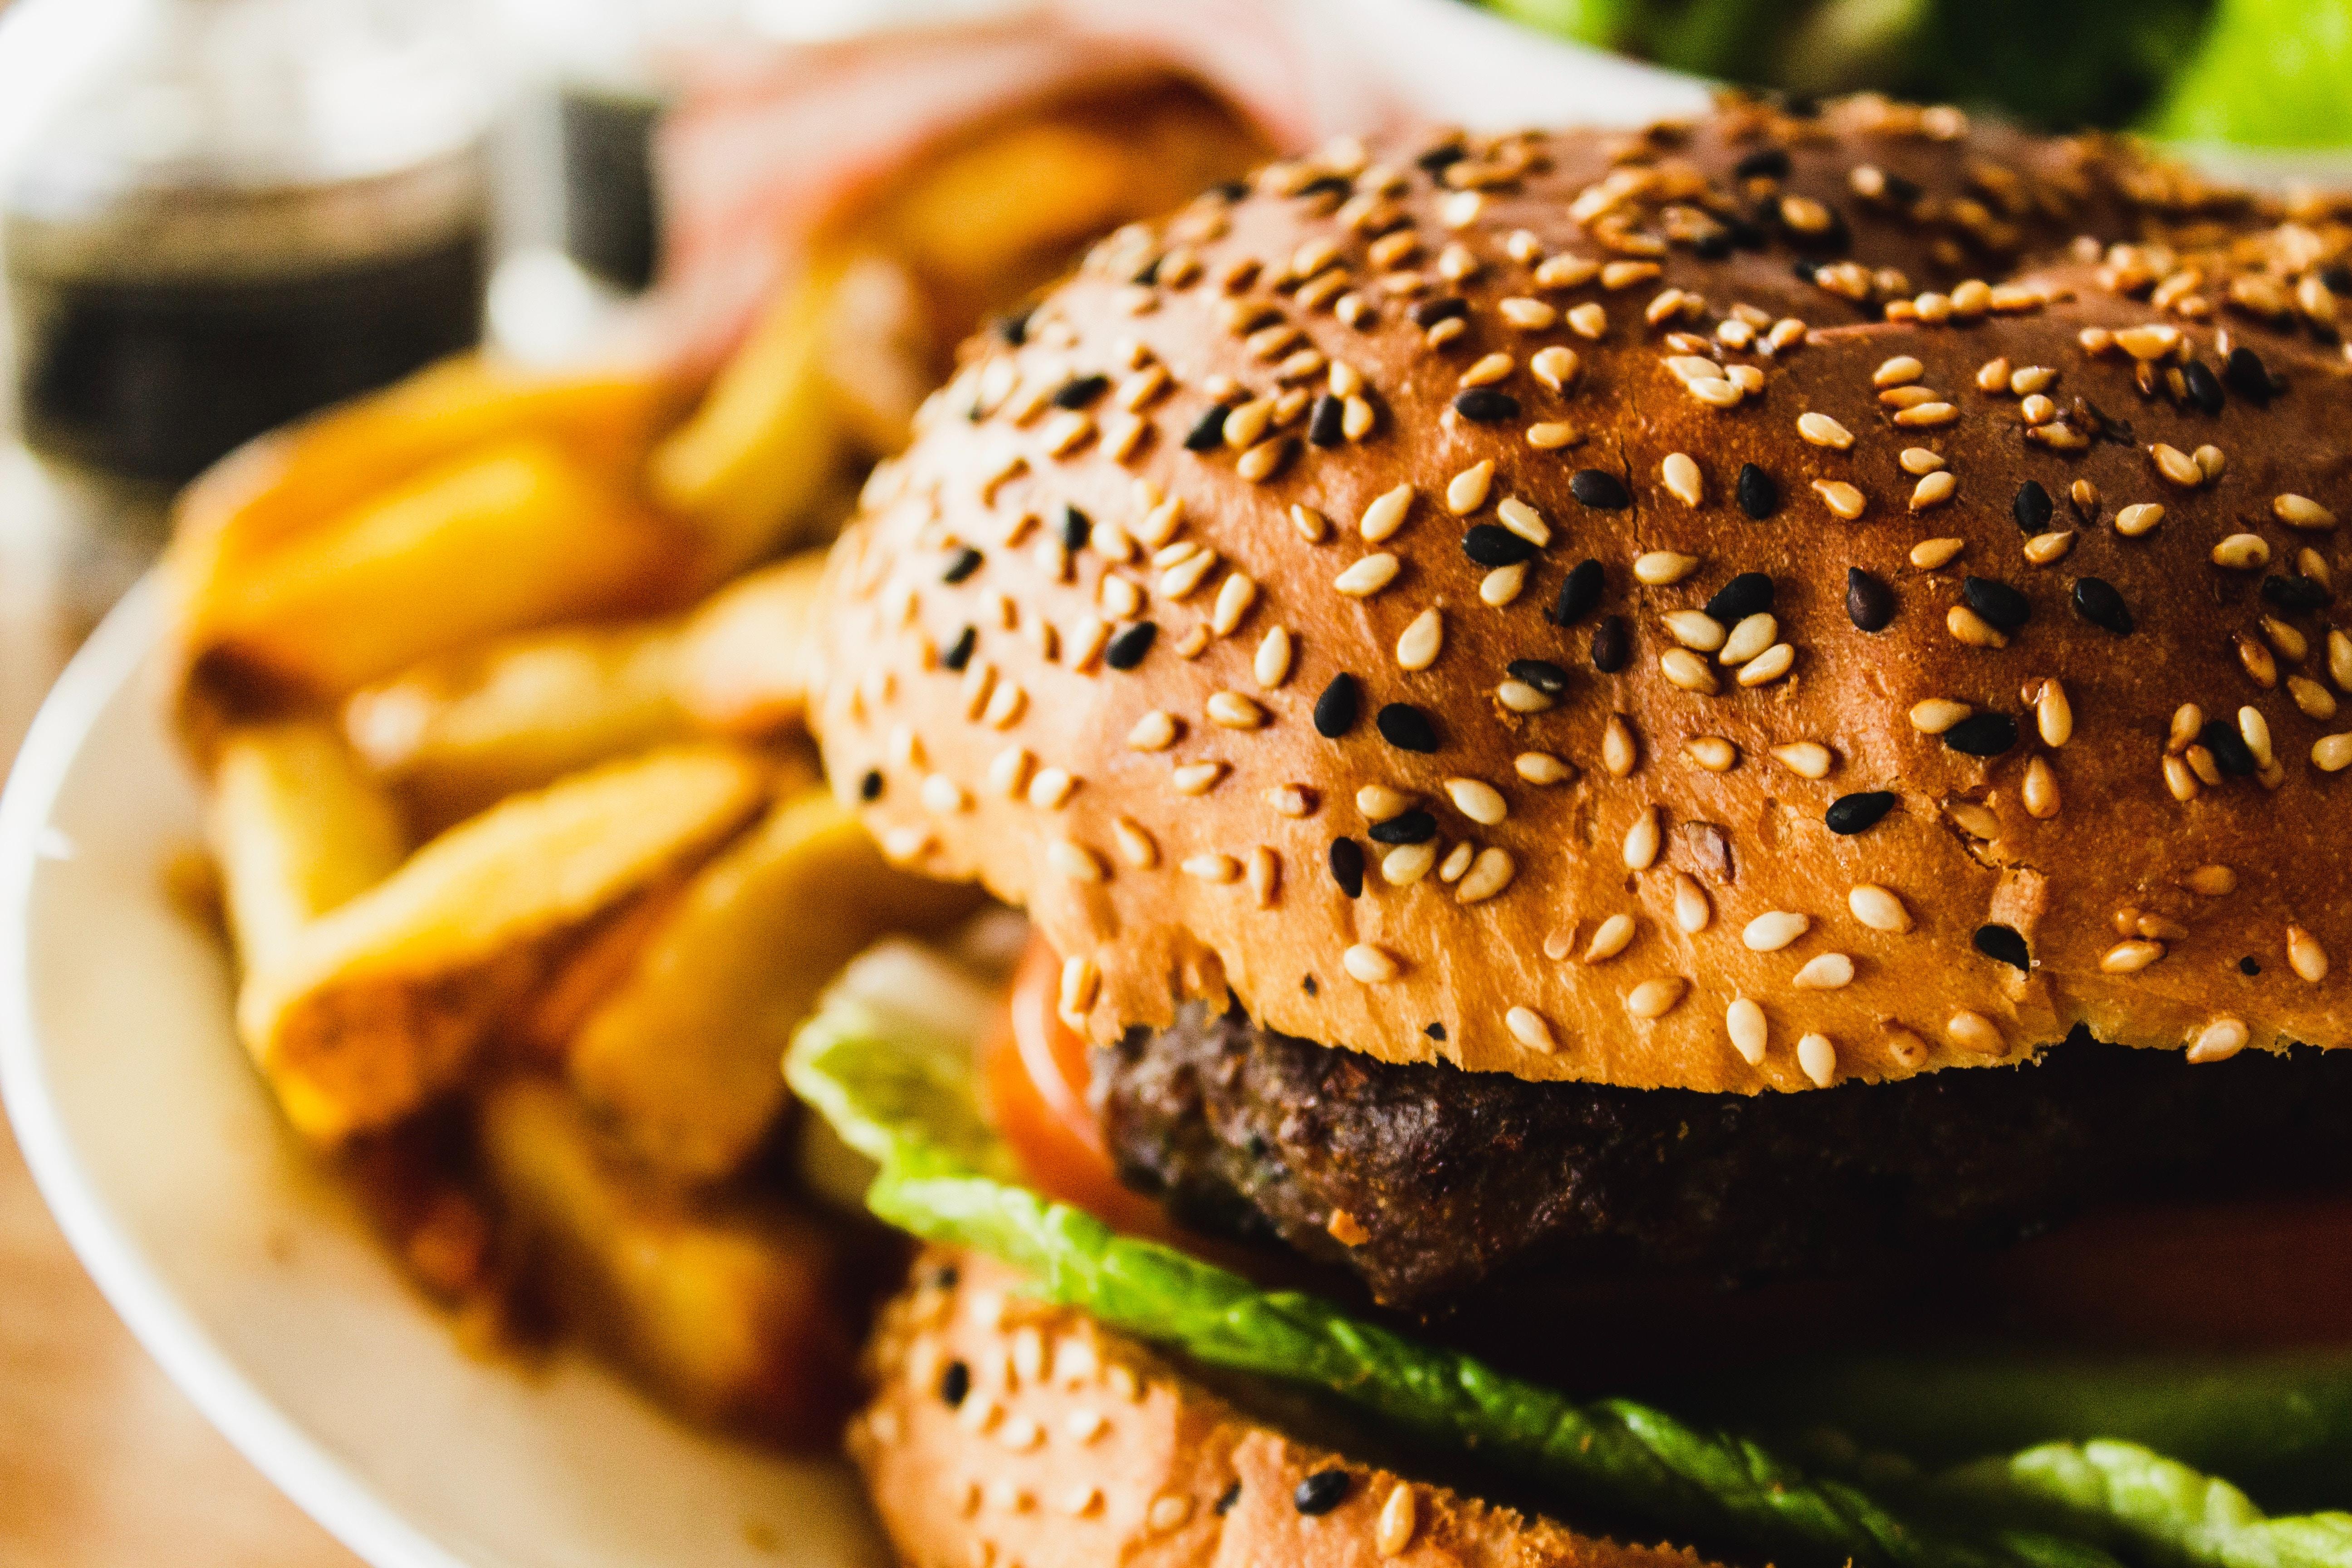 Gabimet gjatë ushqyerjes që na shëndoshin, si të dobesohemi, duke ngrënë?